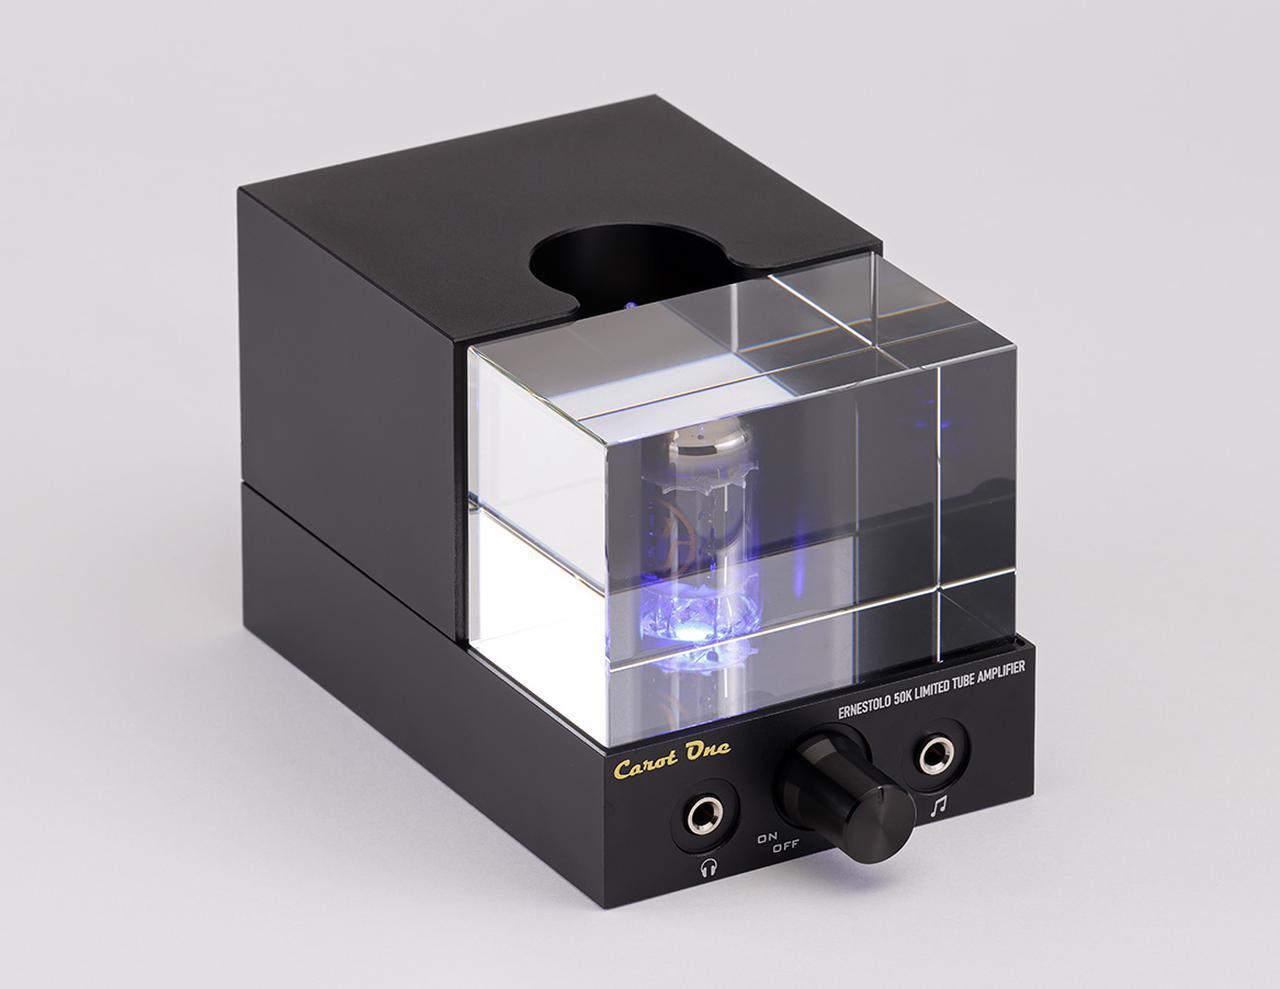 画像: キャロットワン ERNESTOLO 50K EX EVO ¥79,000 ●定格出力:12W+12W(8Ω)、25W+25W(4Ω) ●入力端子: LINE1系統(RCAアンバランス:リアパネル/3.5mmステレオミニプラグ:フロントパネル) ●スピーカー出力端子:1系統(バナナプラグ対応) ●ヘッドフォンアンプ部出力:600mW/ch、32Ωヘッドフォン ●使用真空管:ECC802S GOLD(JJ Electronic、プリアンプ部) ●寸法/重量:W76×H75×D150mm(突起物含む)/1.1kg ●備考:ACアダプター付属 ●問合せ先:(株)ユキム